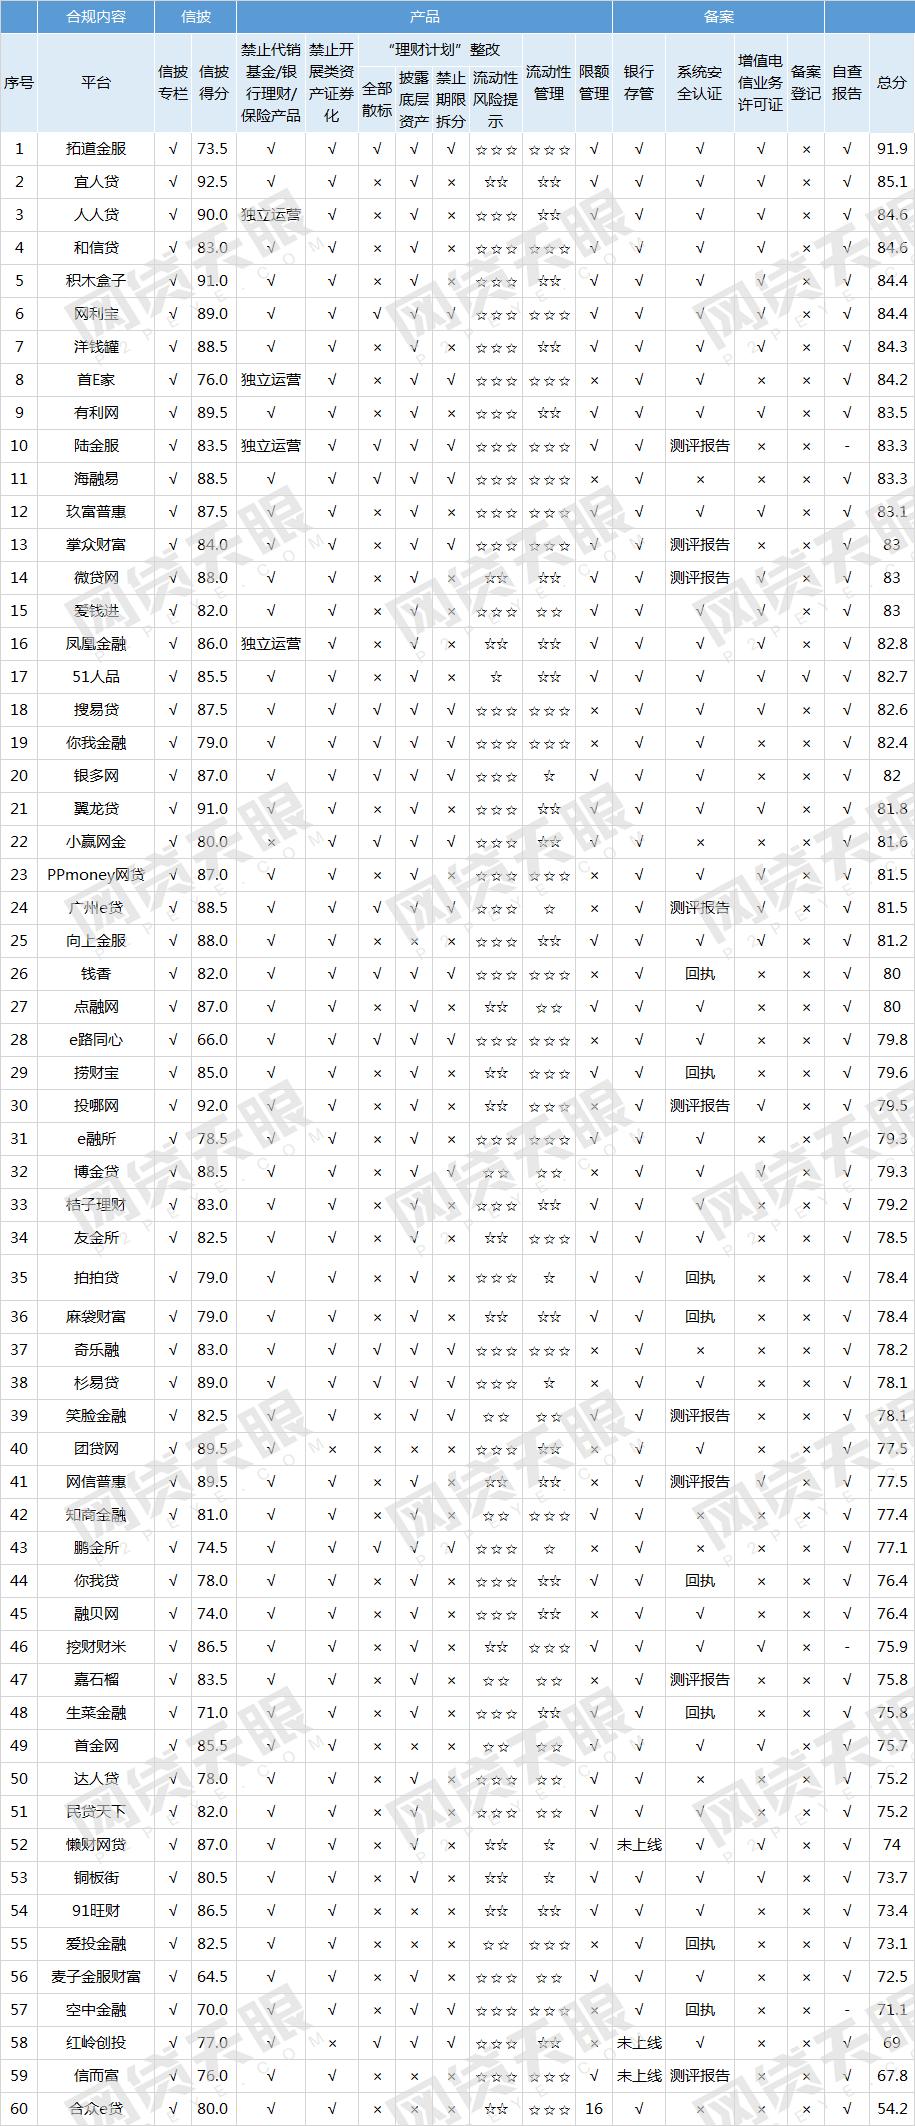 网贷天眼12月60家网贷平台线上端合规排行榜3